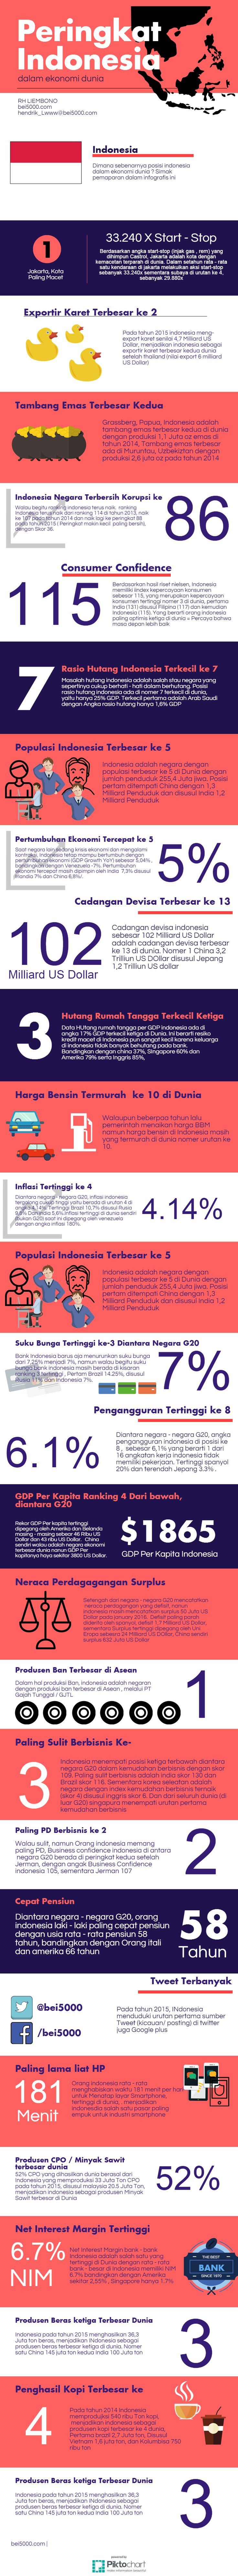 Peringkat indonesia dalam ekonomi dunia